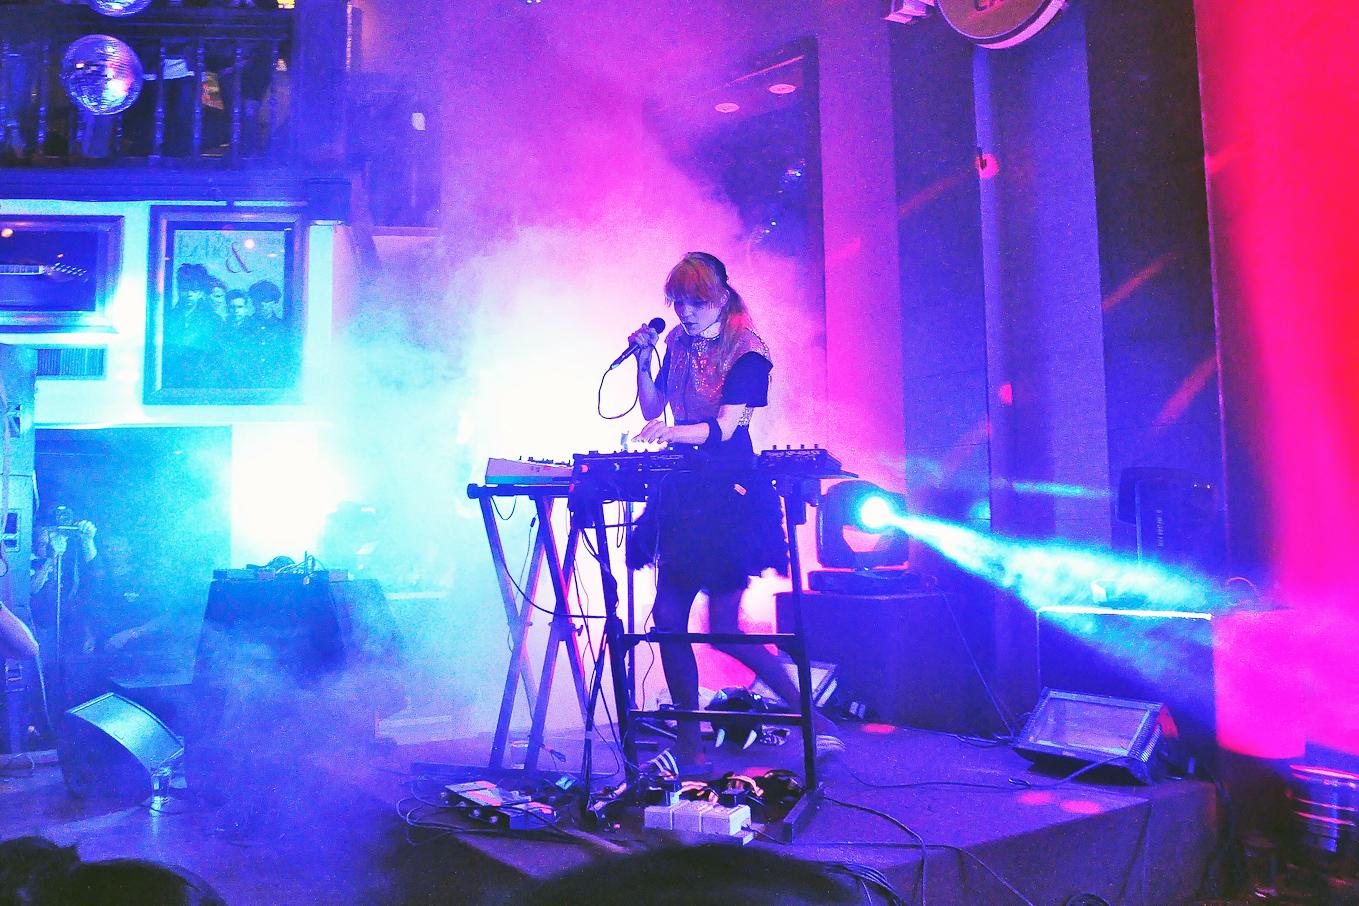 Die Musikerin Grimes allein auf einer Bühne, mit Mikrophon und zwei elektronischen Tasteninstrumenten, in Kunstnebel und Scheinwerferlicht.